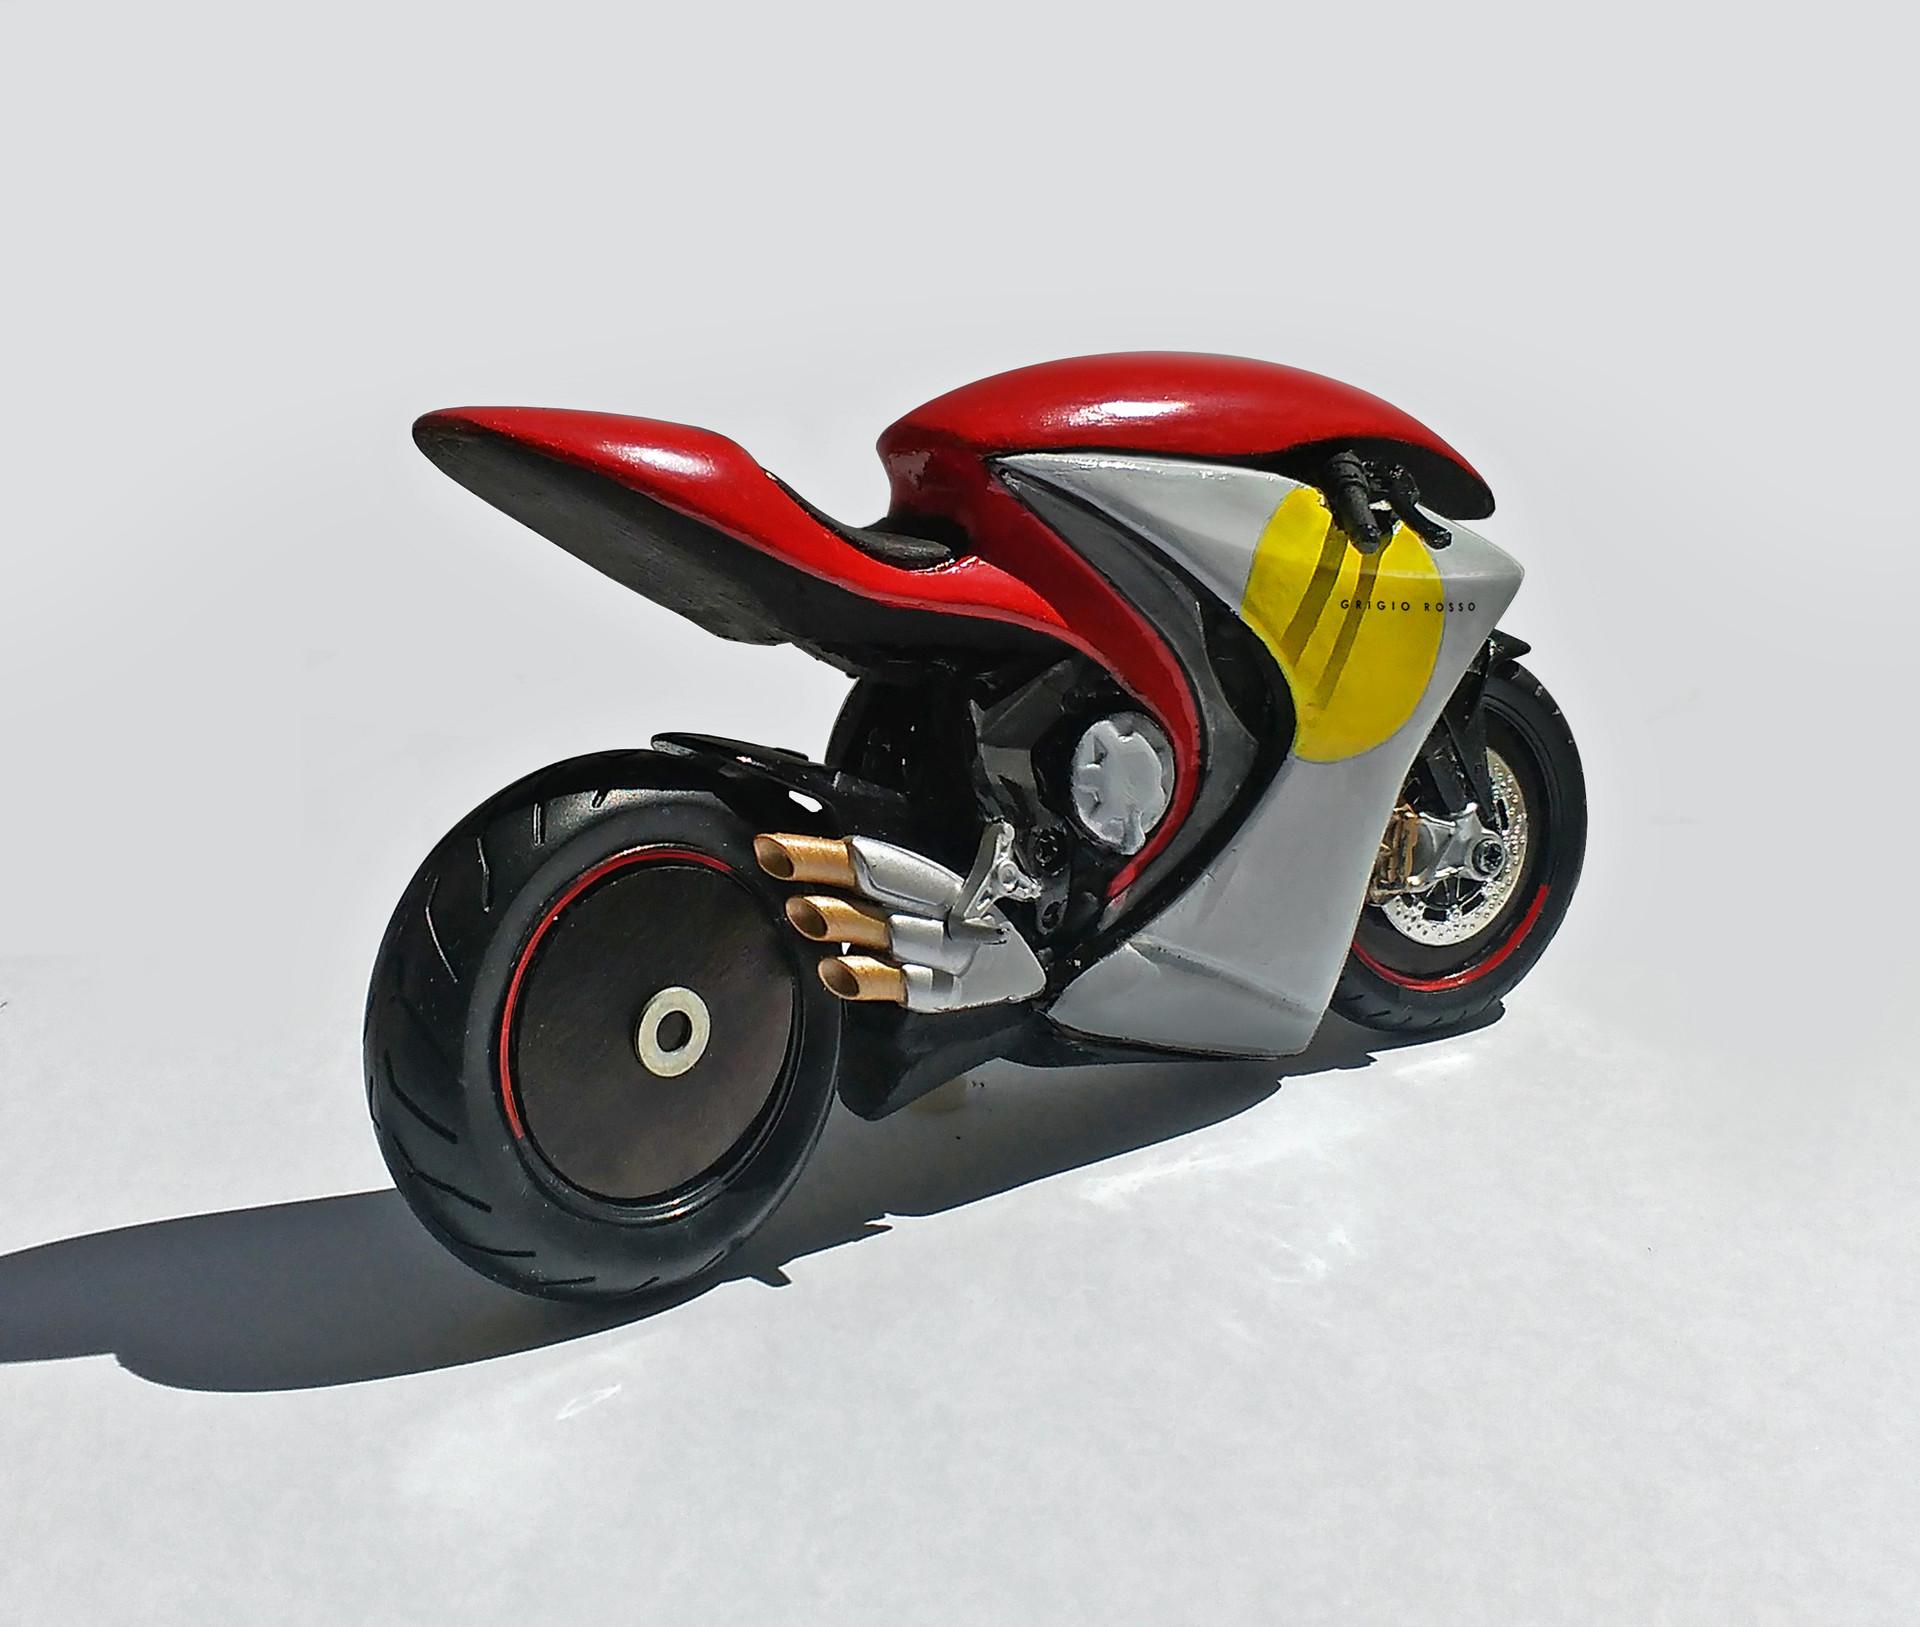 Jakusa design k1d